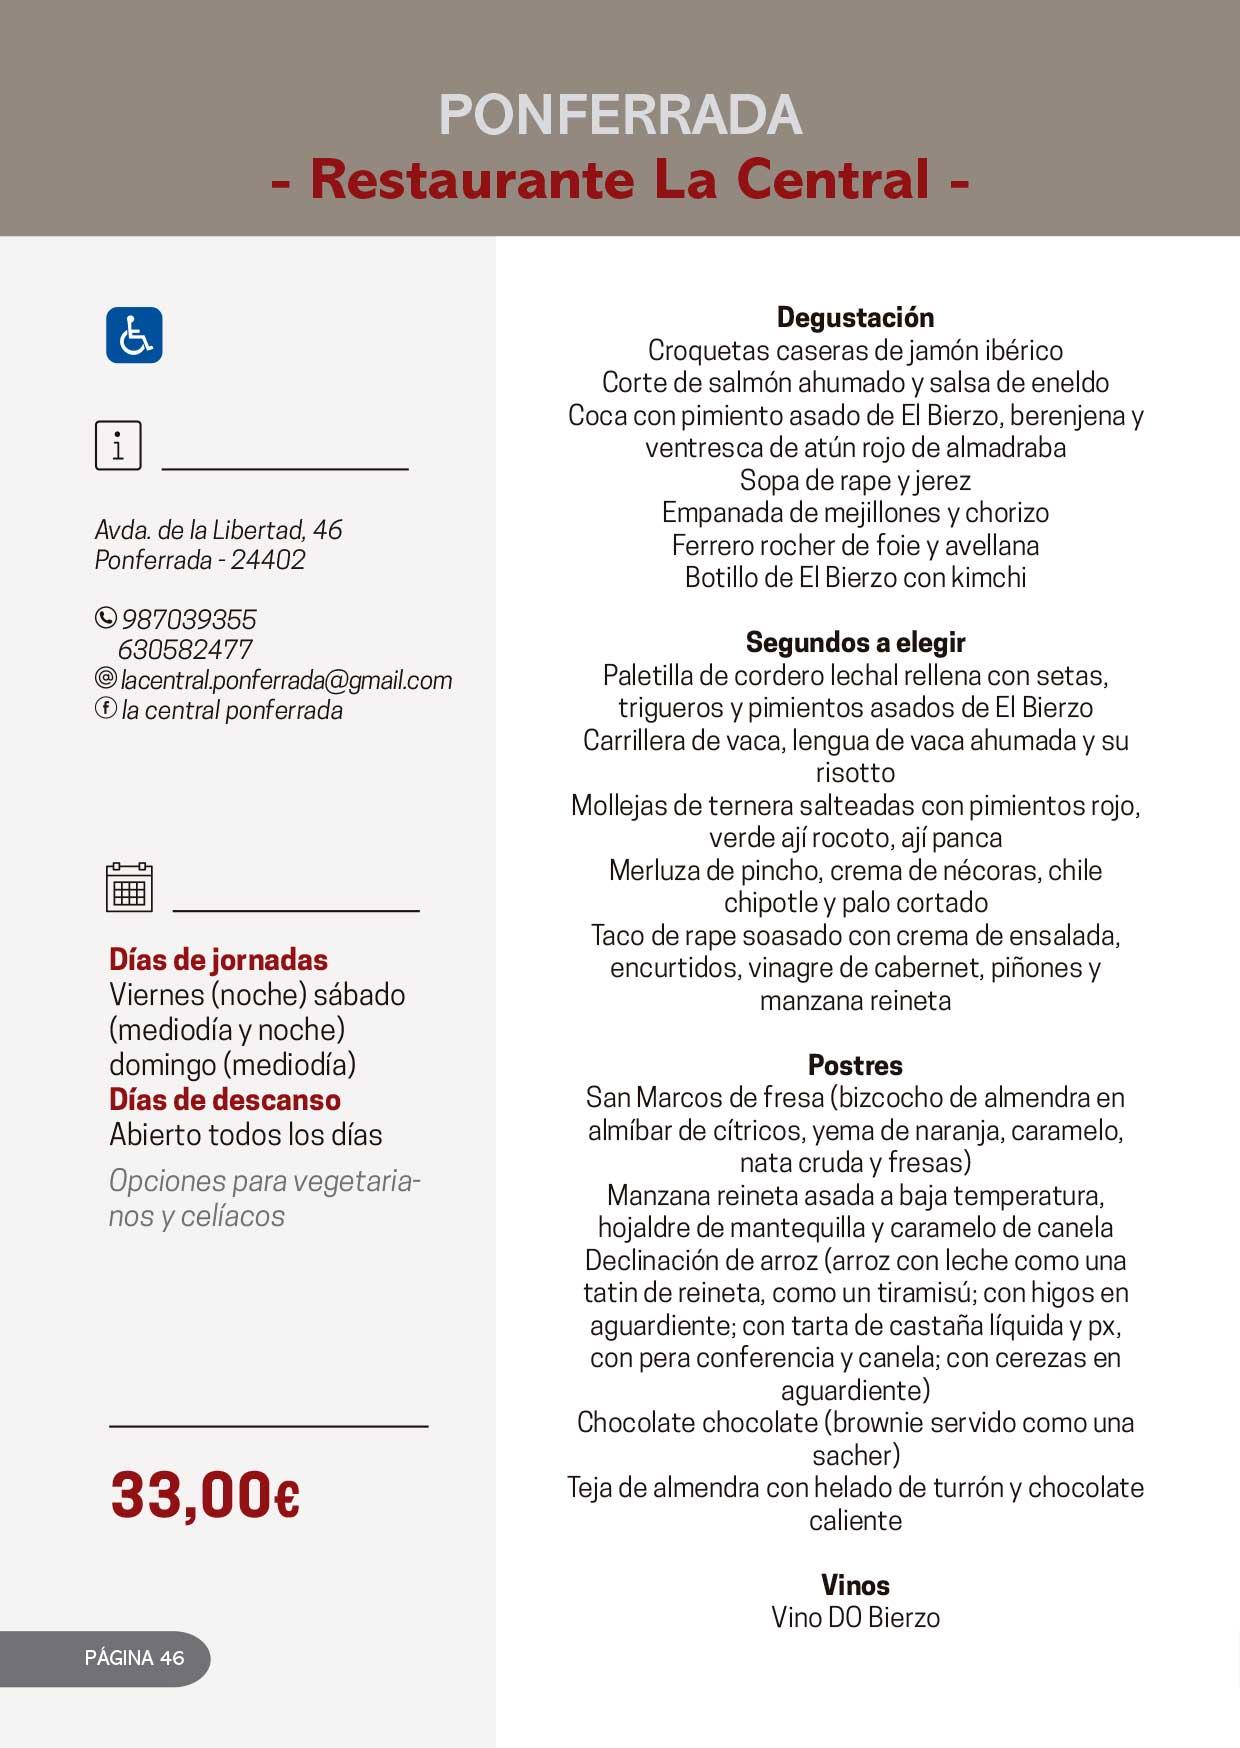 Las Jornadas Gastronómicas del Bierzo llegan a su 34 edición 29